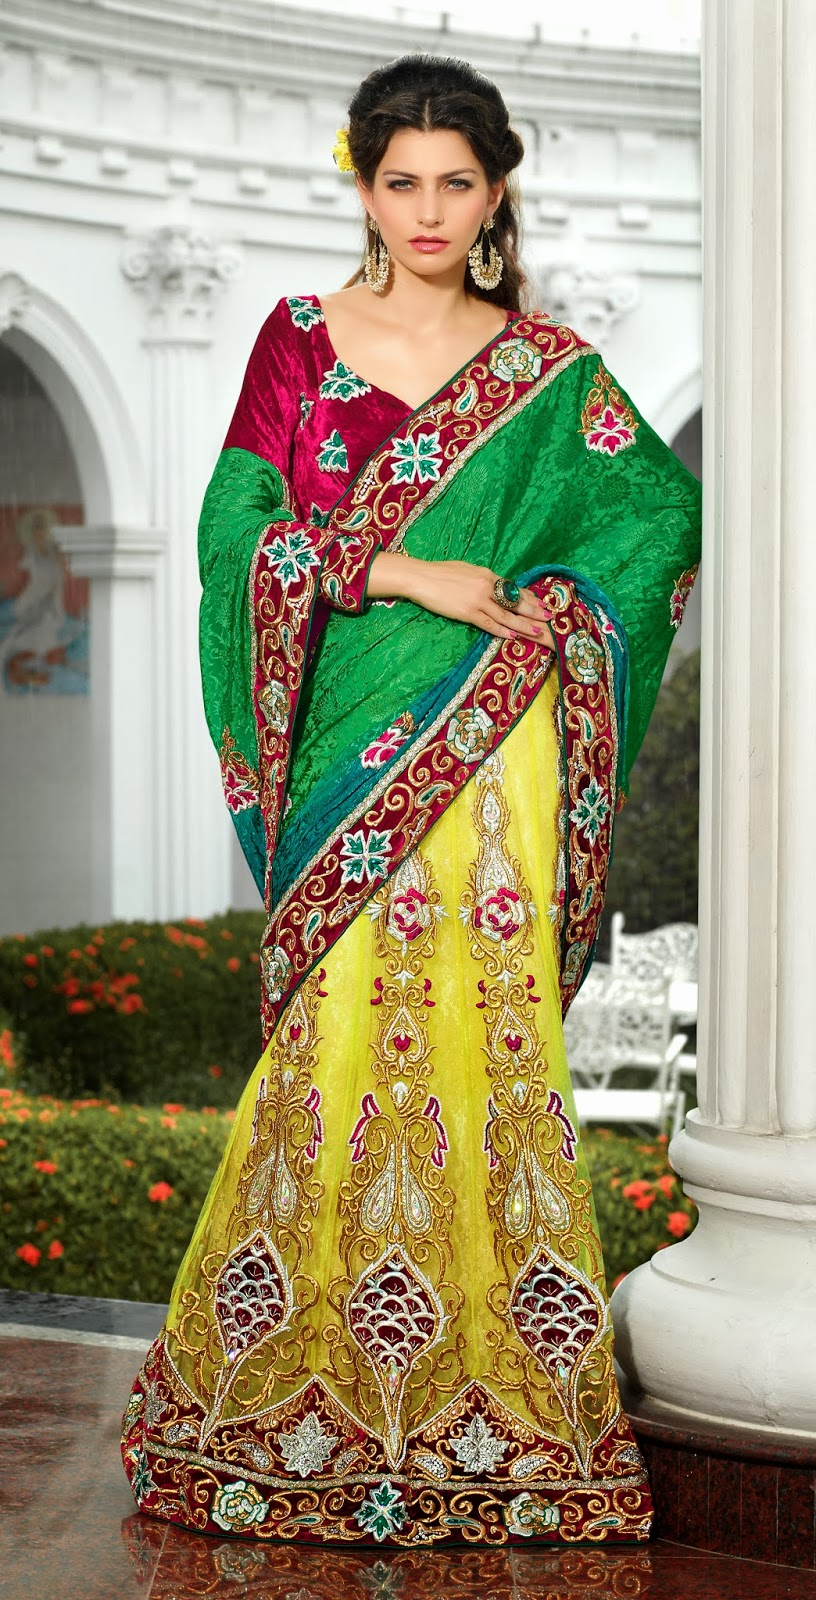 Bridal Lehenga for Wedding: Latest Trend Lehenga Style Saree